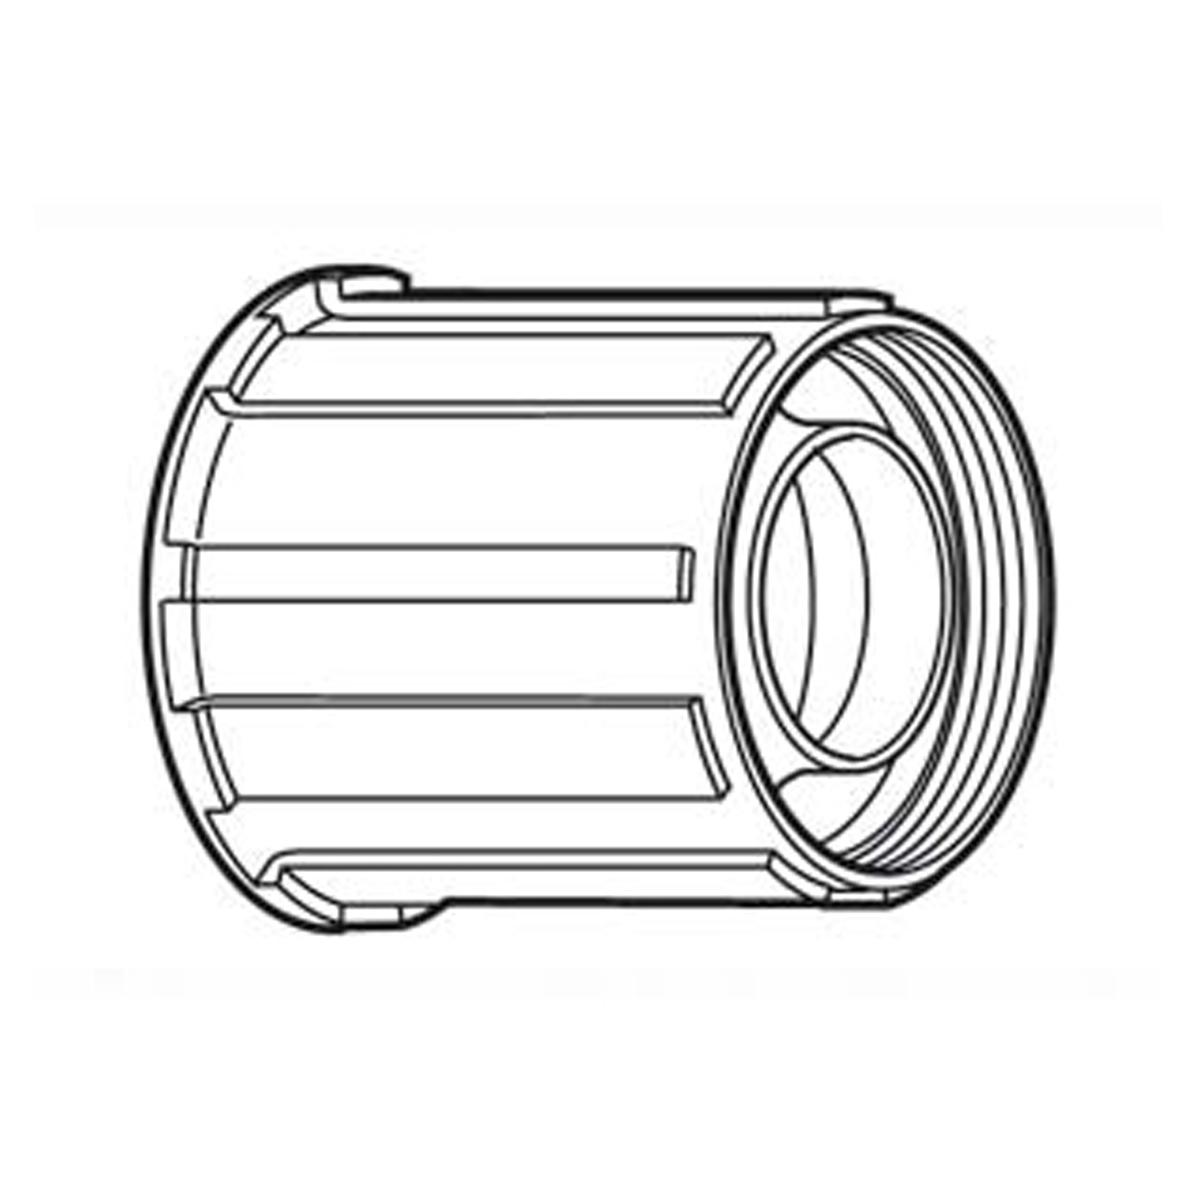 Shimano bębenek Główka kasety 8/9 FHM510/M475/MC18